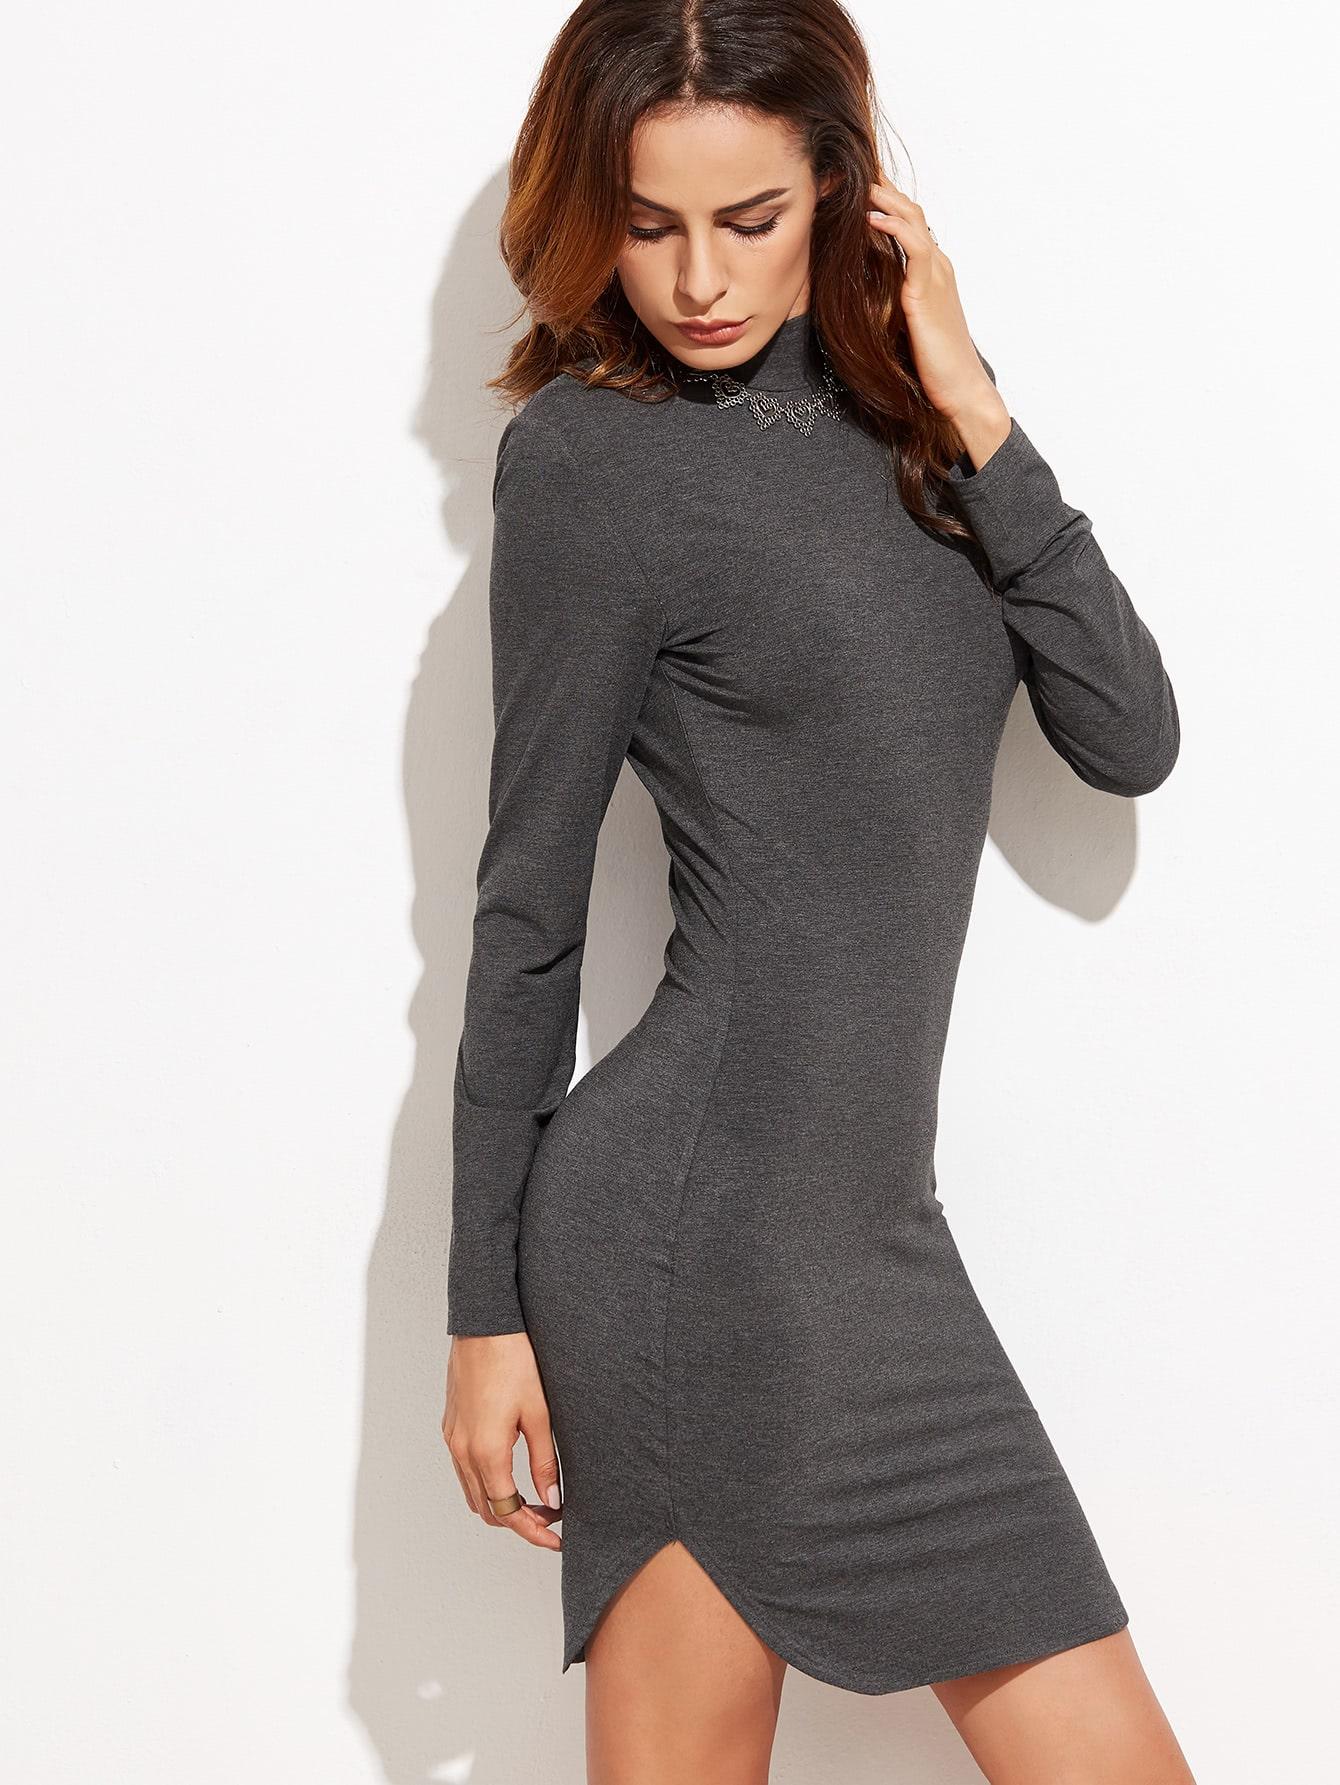 dress160927701_2